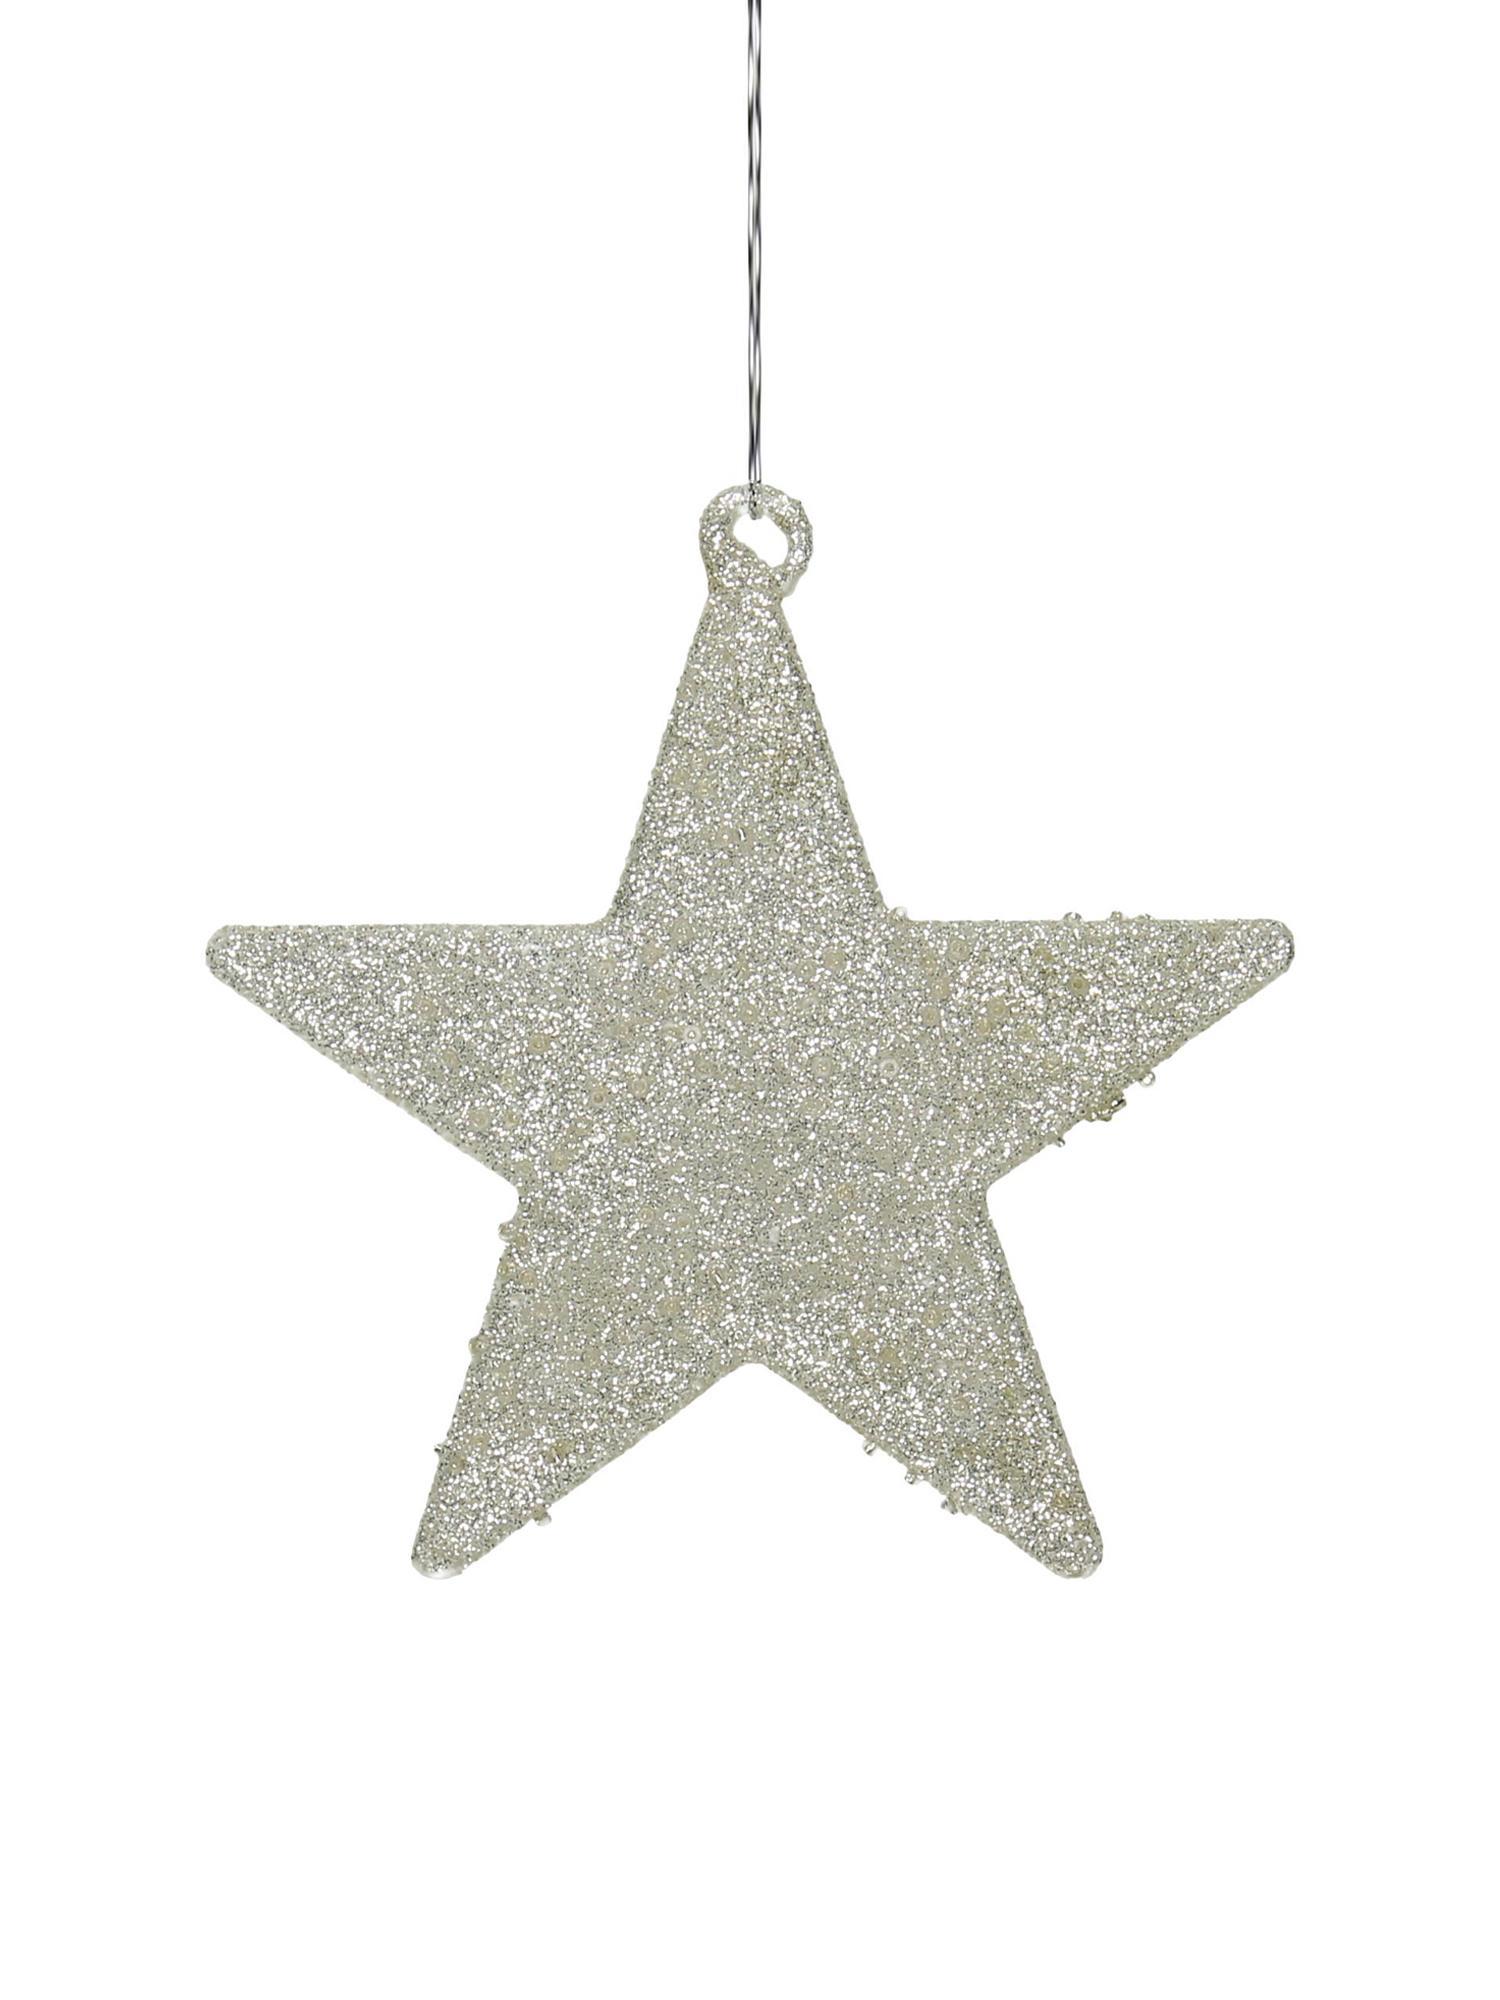 Baumanhänger-Set Silver Star, 2 Stück, Silberfarben, glänzend, 14 x 14 cm